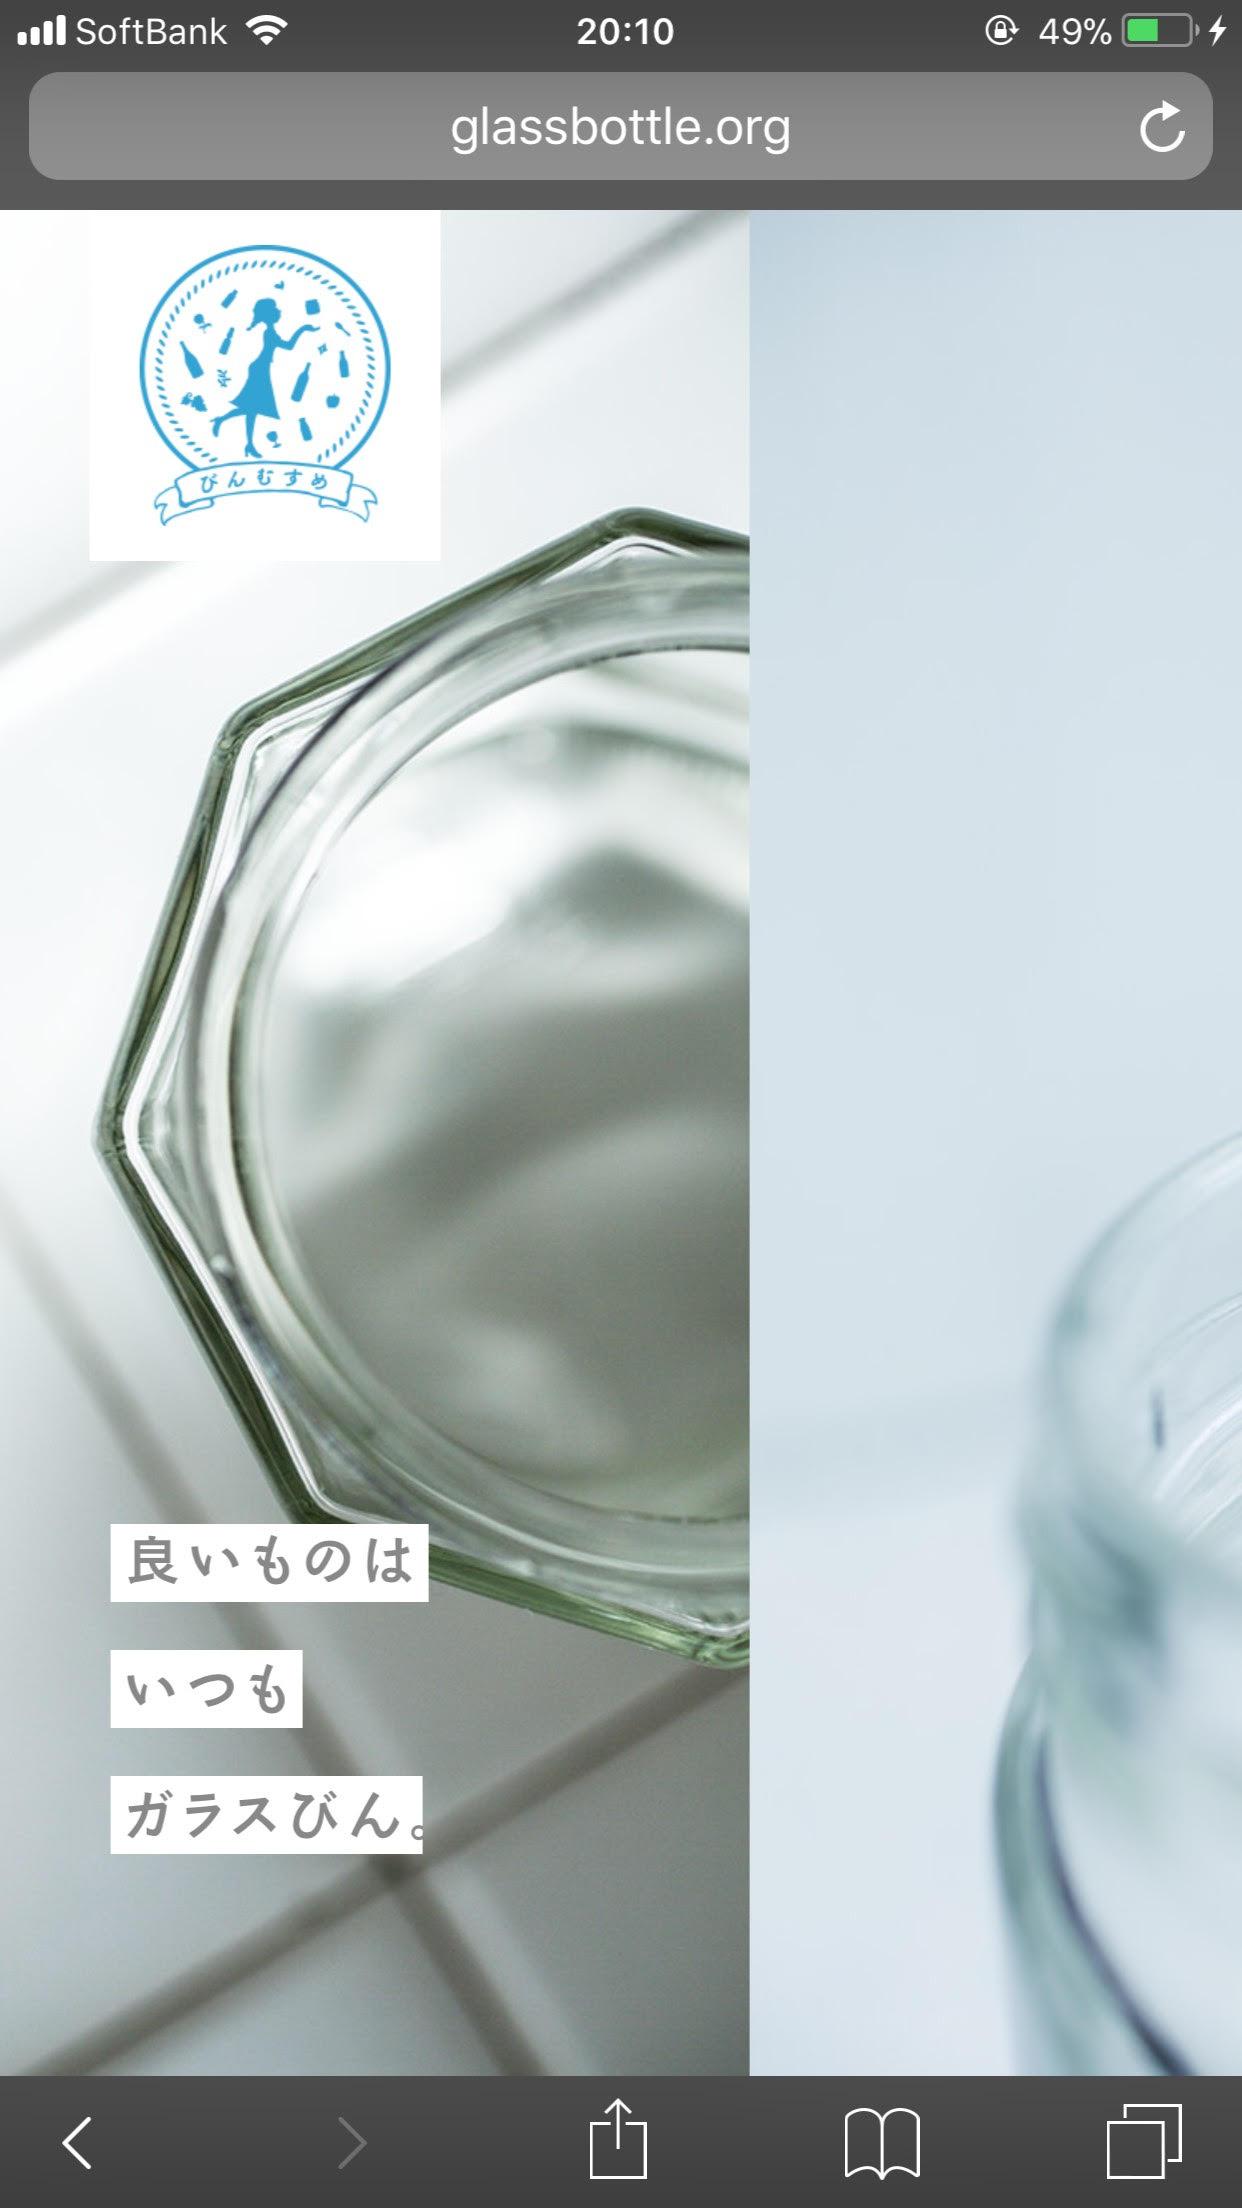 びんむすめプロジェクトキャンペーンサイト|日本ガラスびん協会